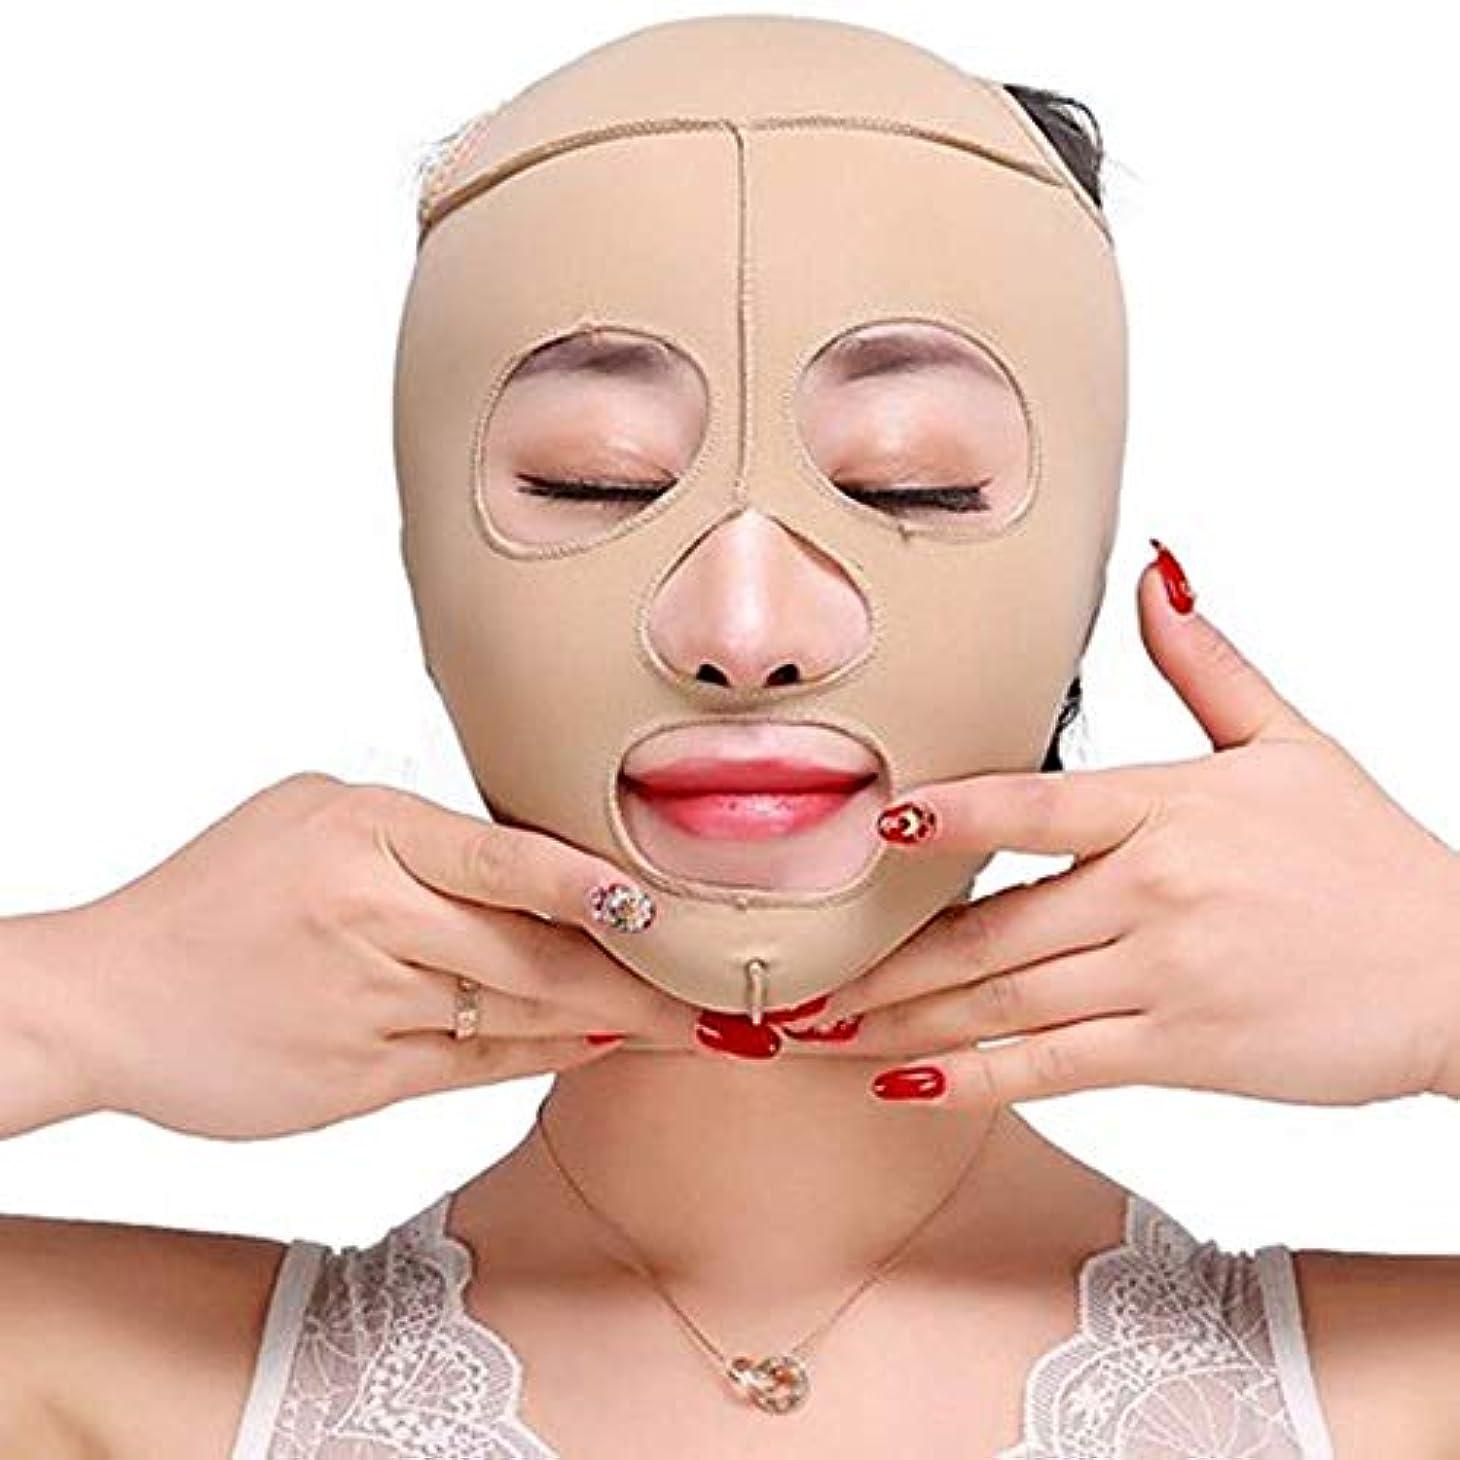 旅行代理店悪魔質量美容と実用的なVフェイスマスク、フェイシャルフェイスシンフェイス、ダブルチンシンフェイスバンデージ(サイズ:L)